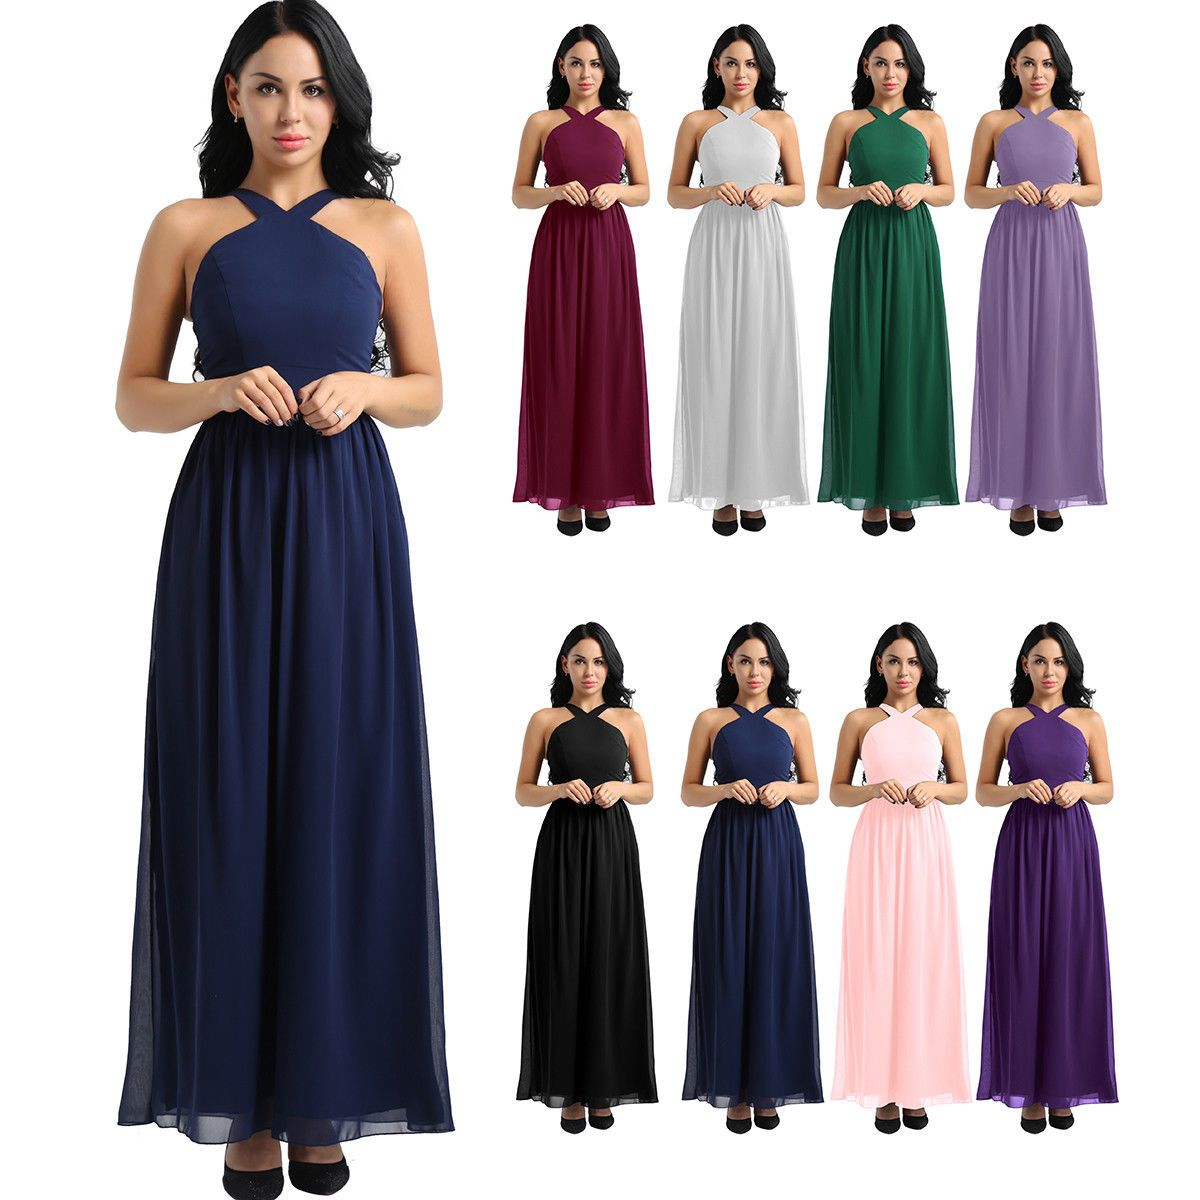 Damen Festlich Kleid Elegant Rückenfrei lang Chiffon Kleider